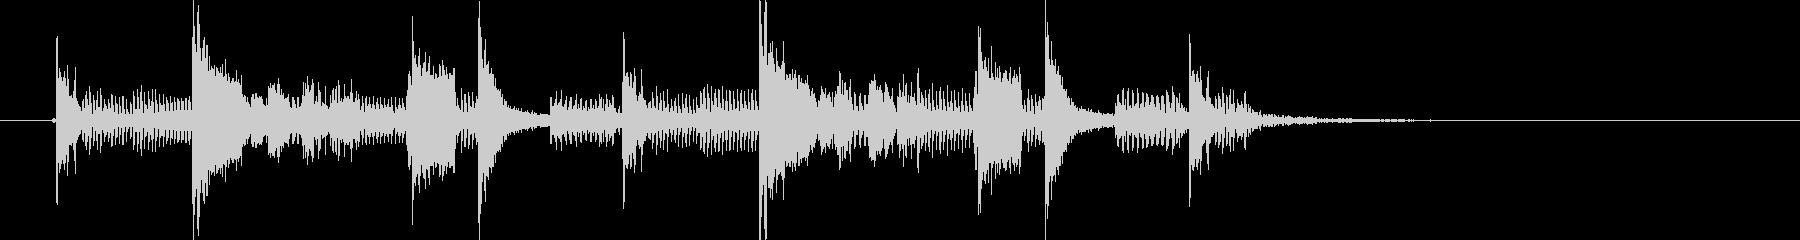 ソウルミュージックのサンプリング・ループの未再生の波形